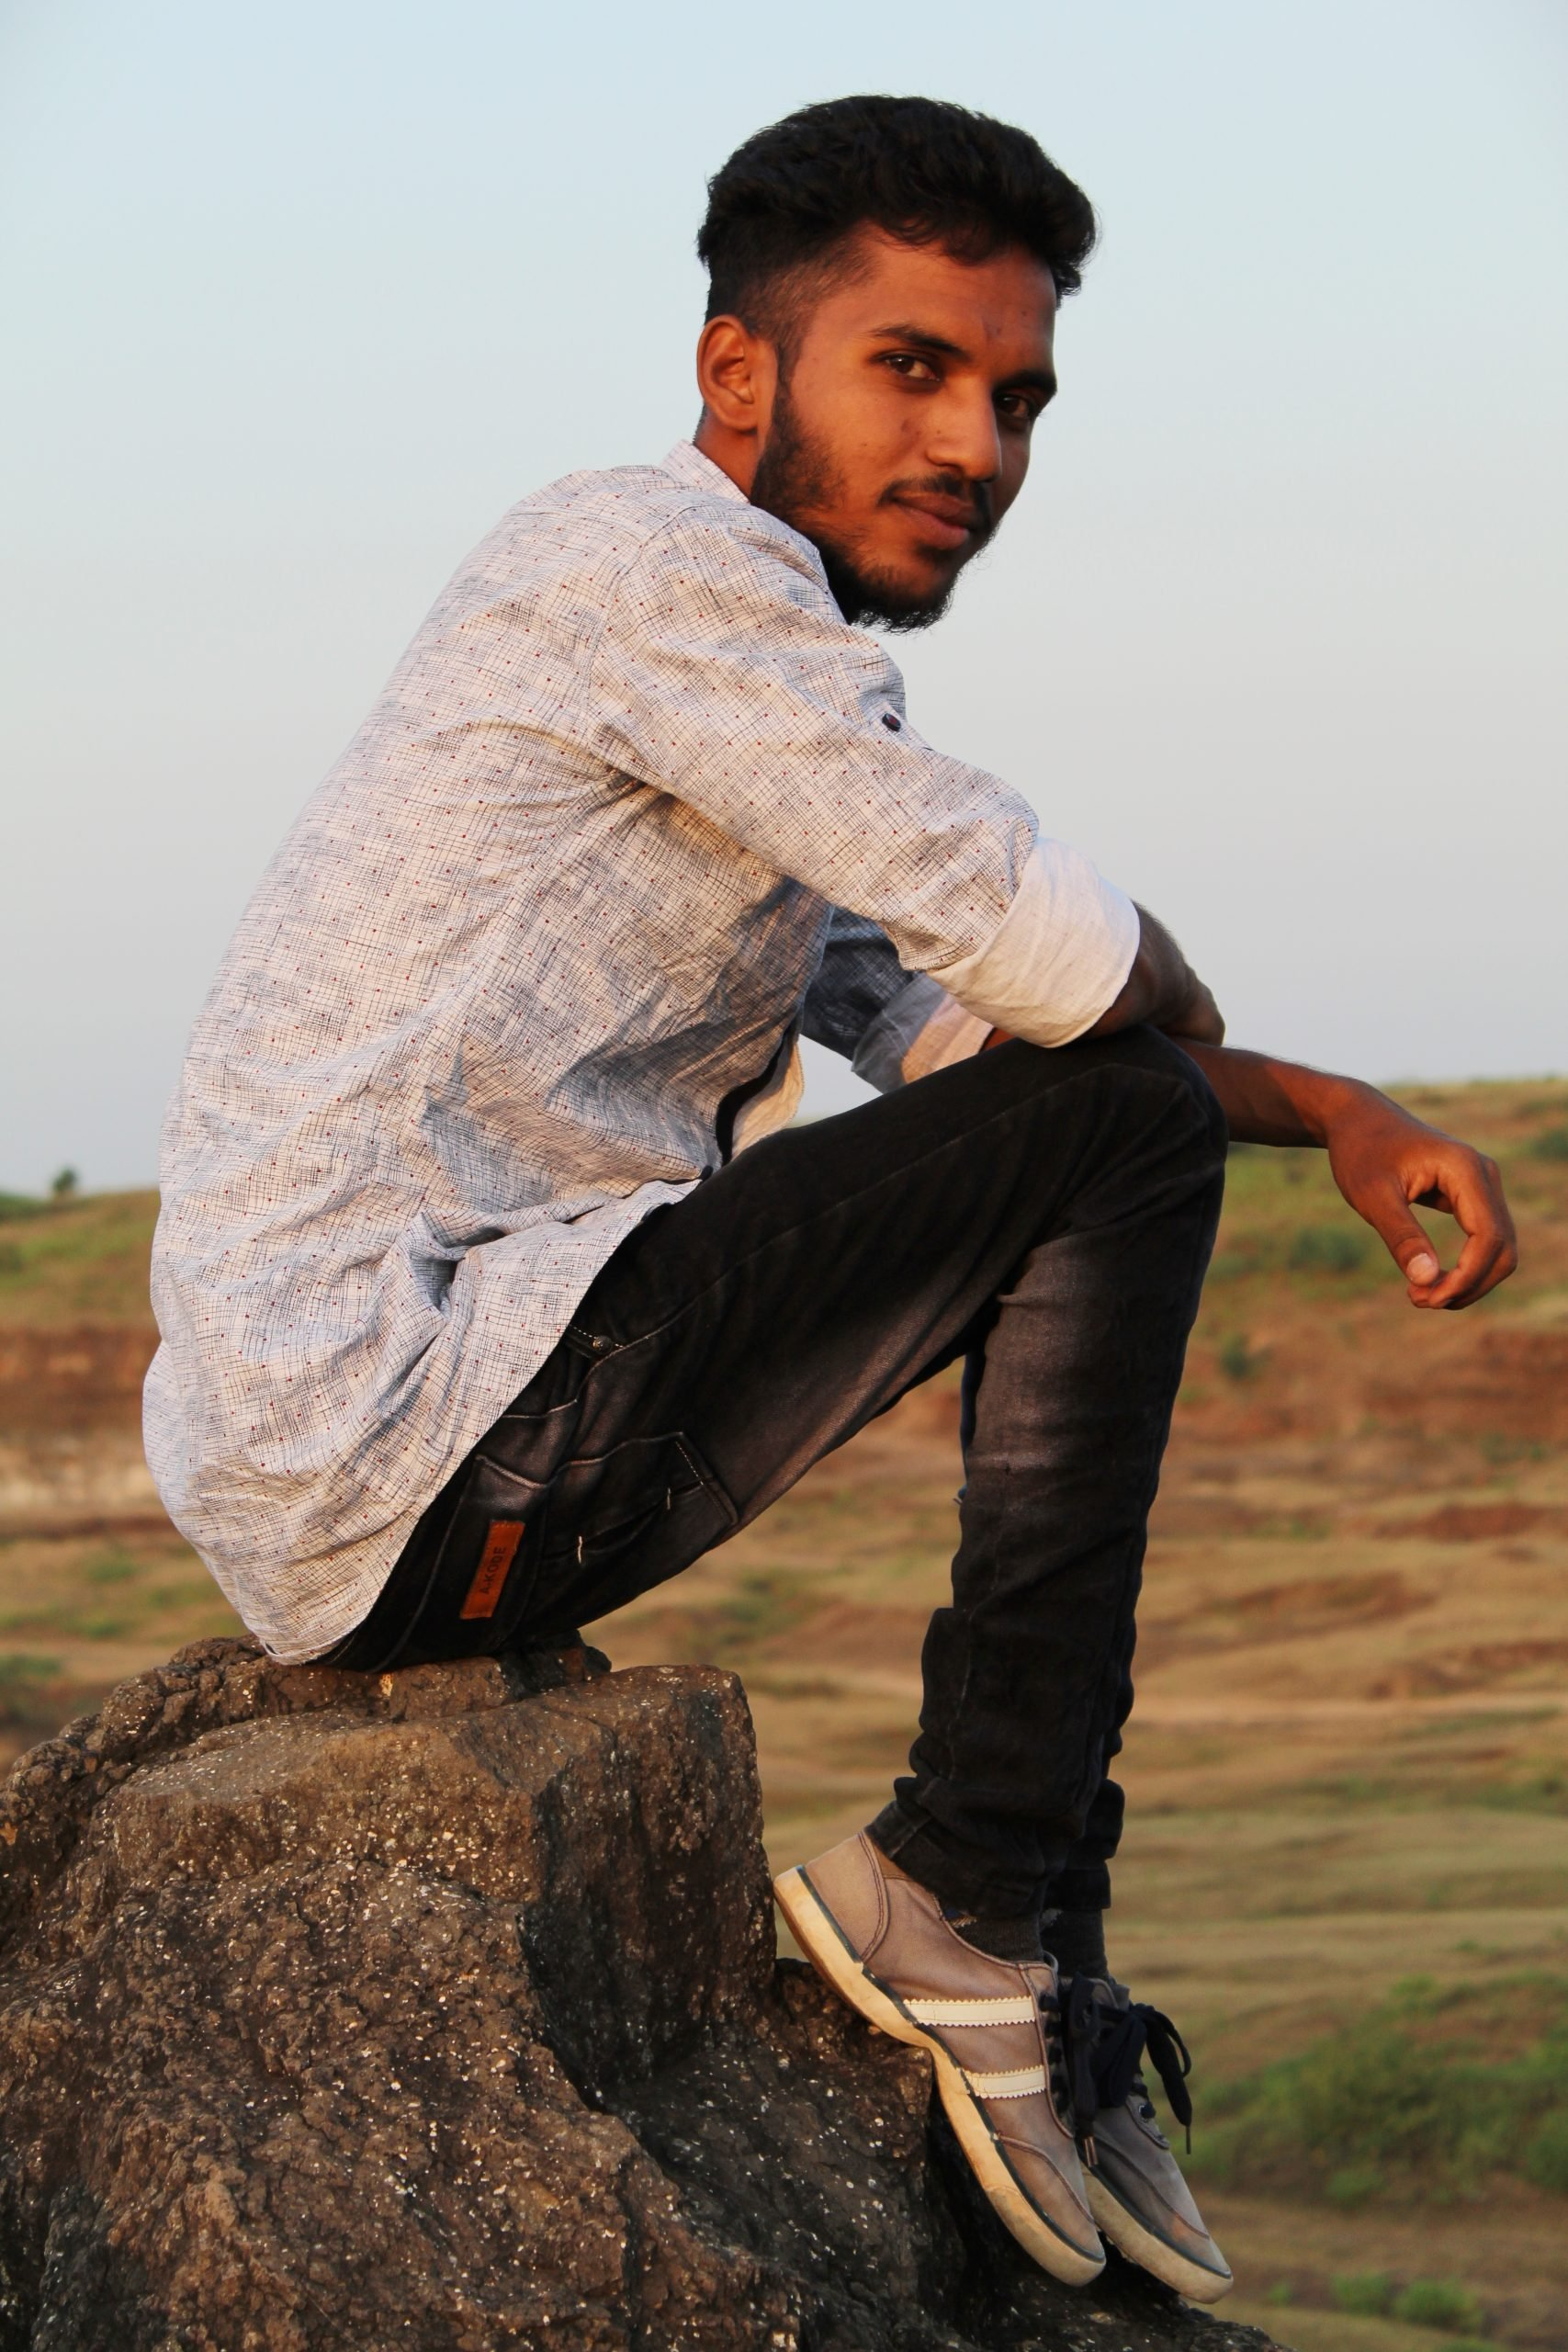 Boy sitting on rock